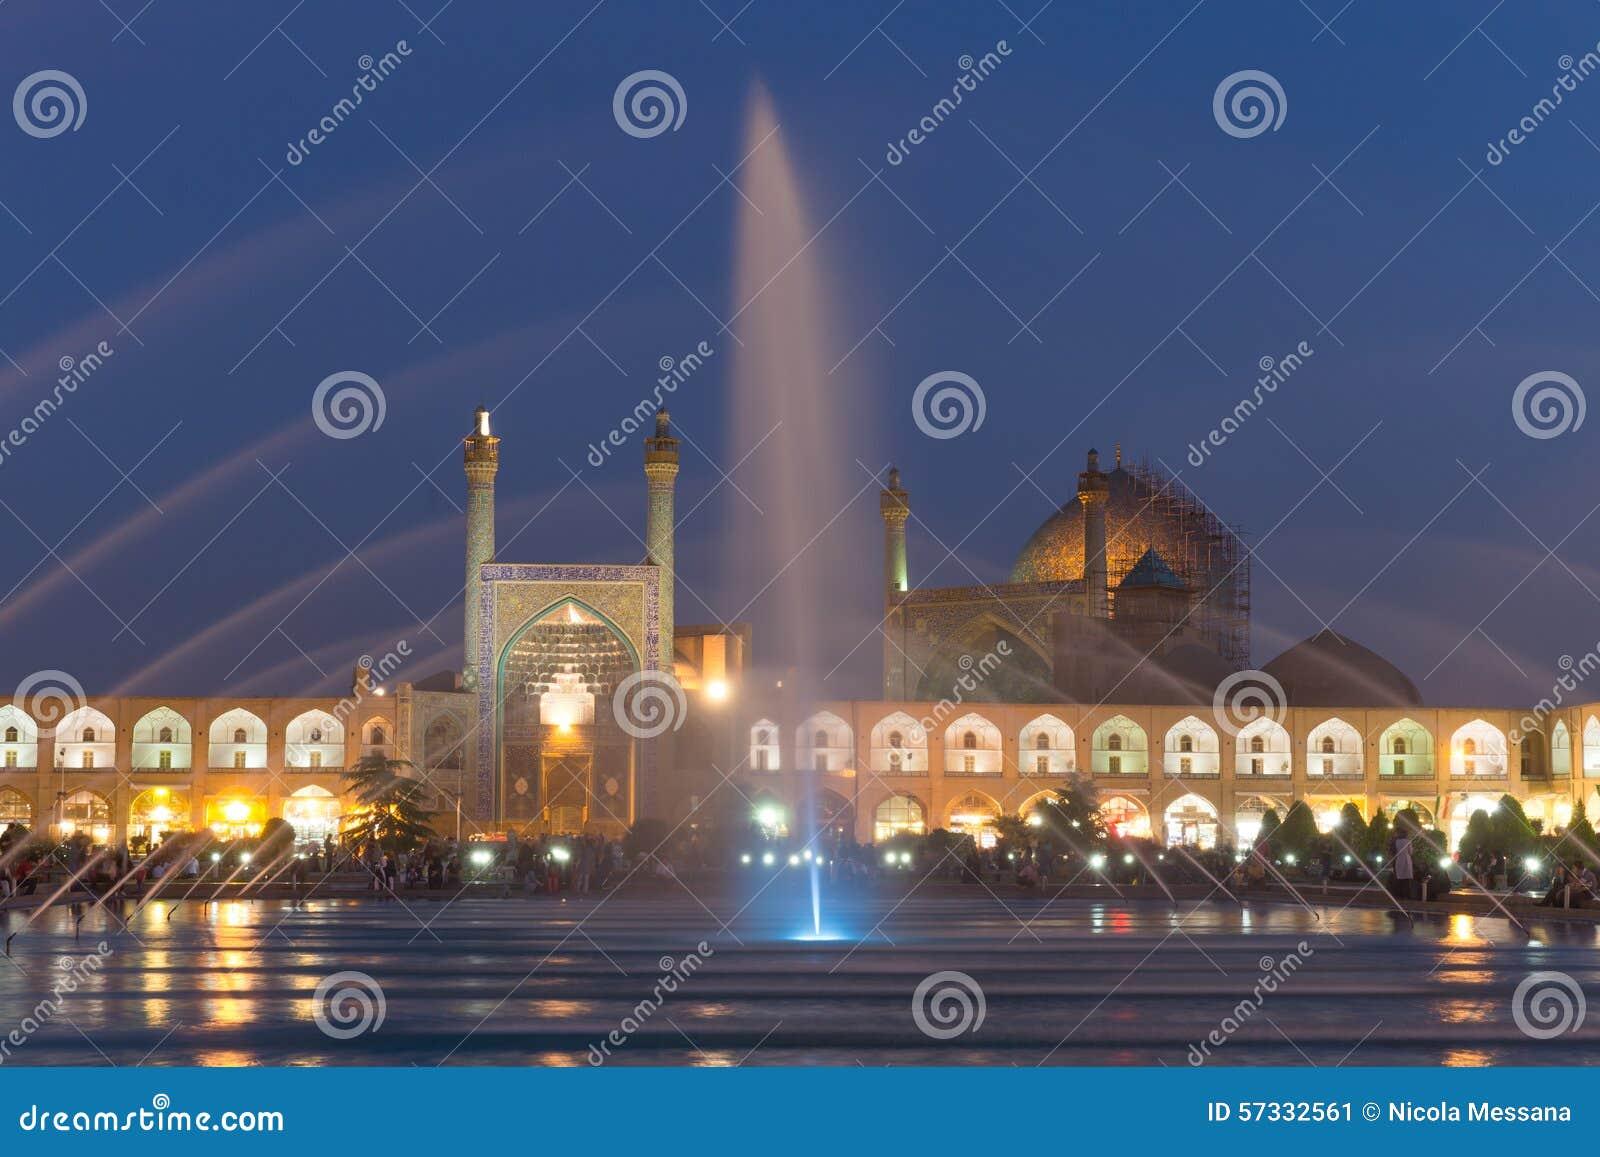 Μουσουλμανικό τέμενος ιμαμών στο τετράγωνο naghsh-ε Jahan στο Ισφαχάν, Ιράν